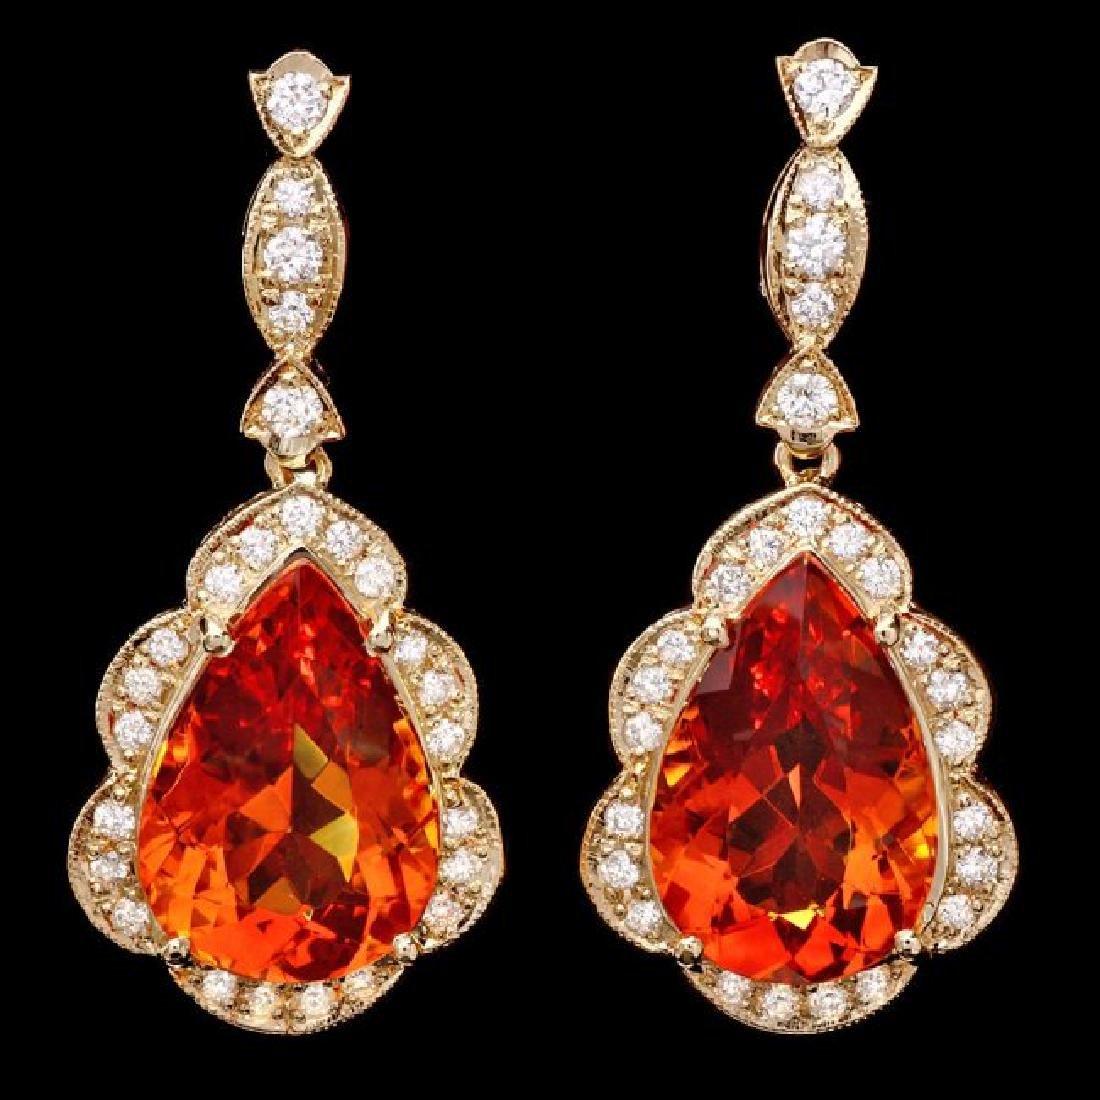 14k Gold 17ct Citrine 1.40ct Diamond Earrings